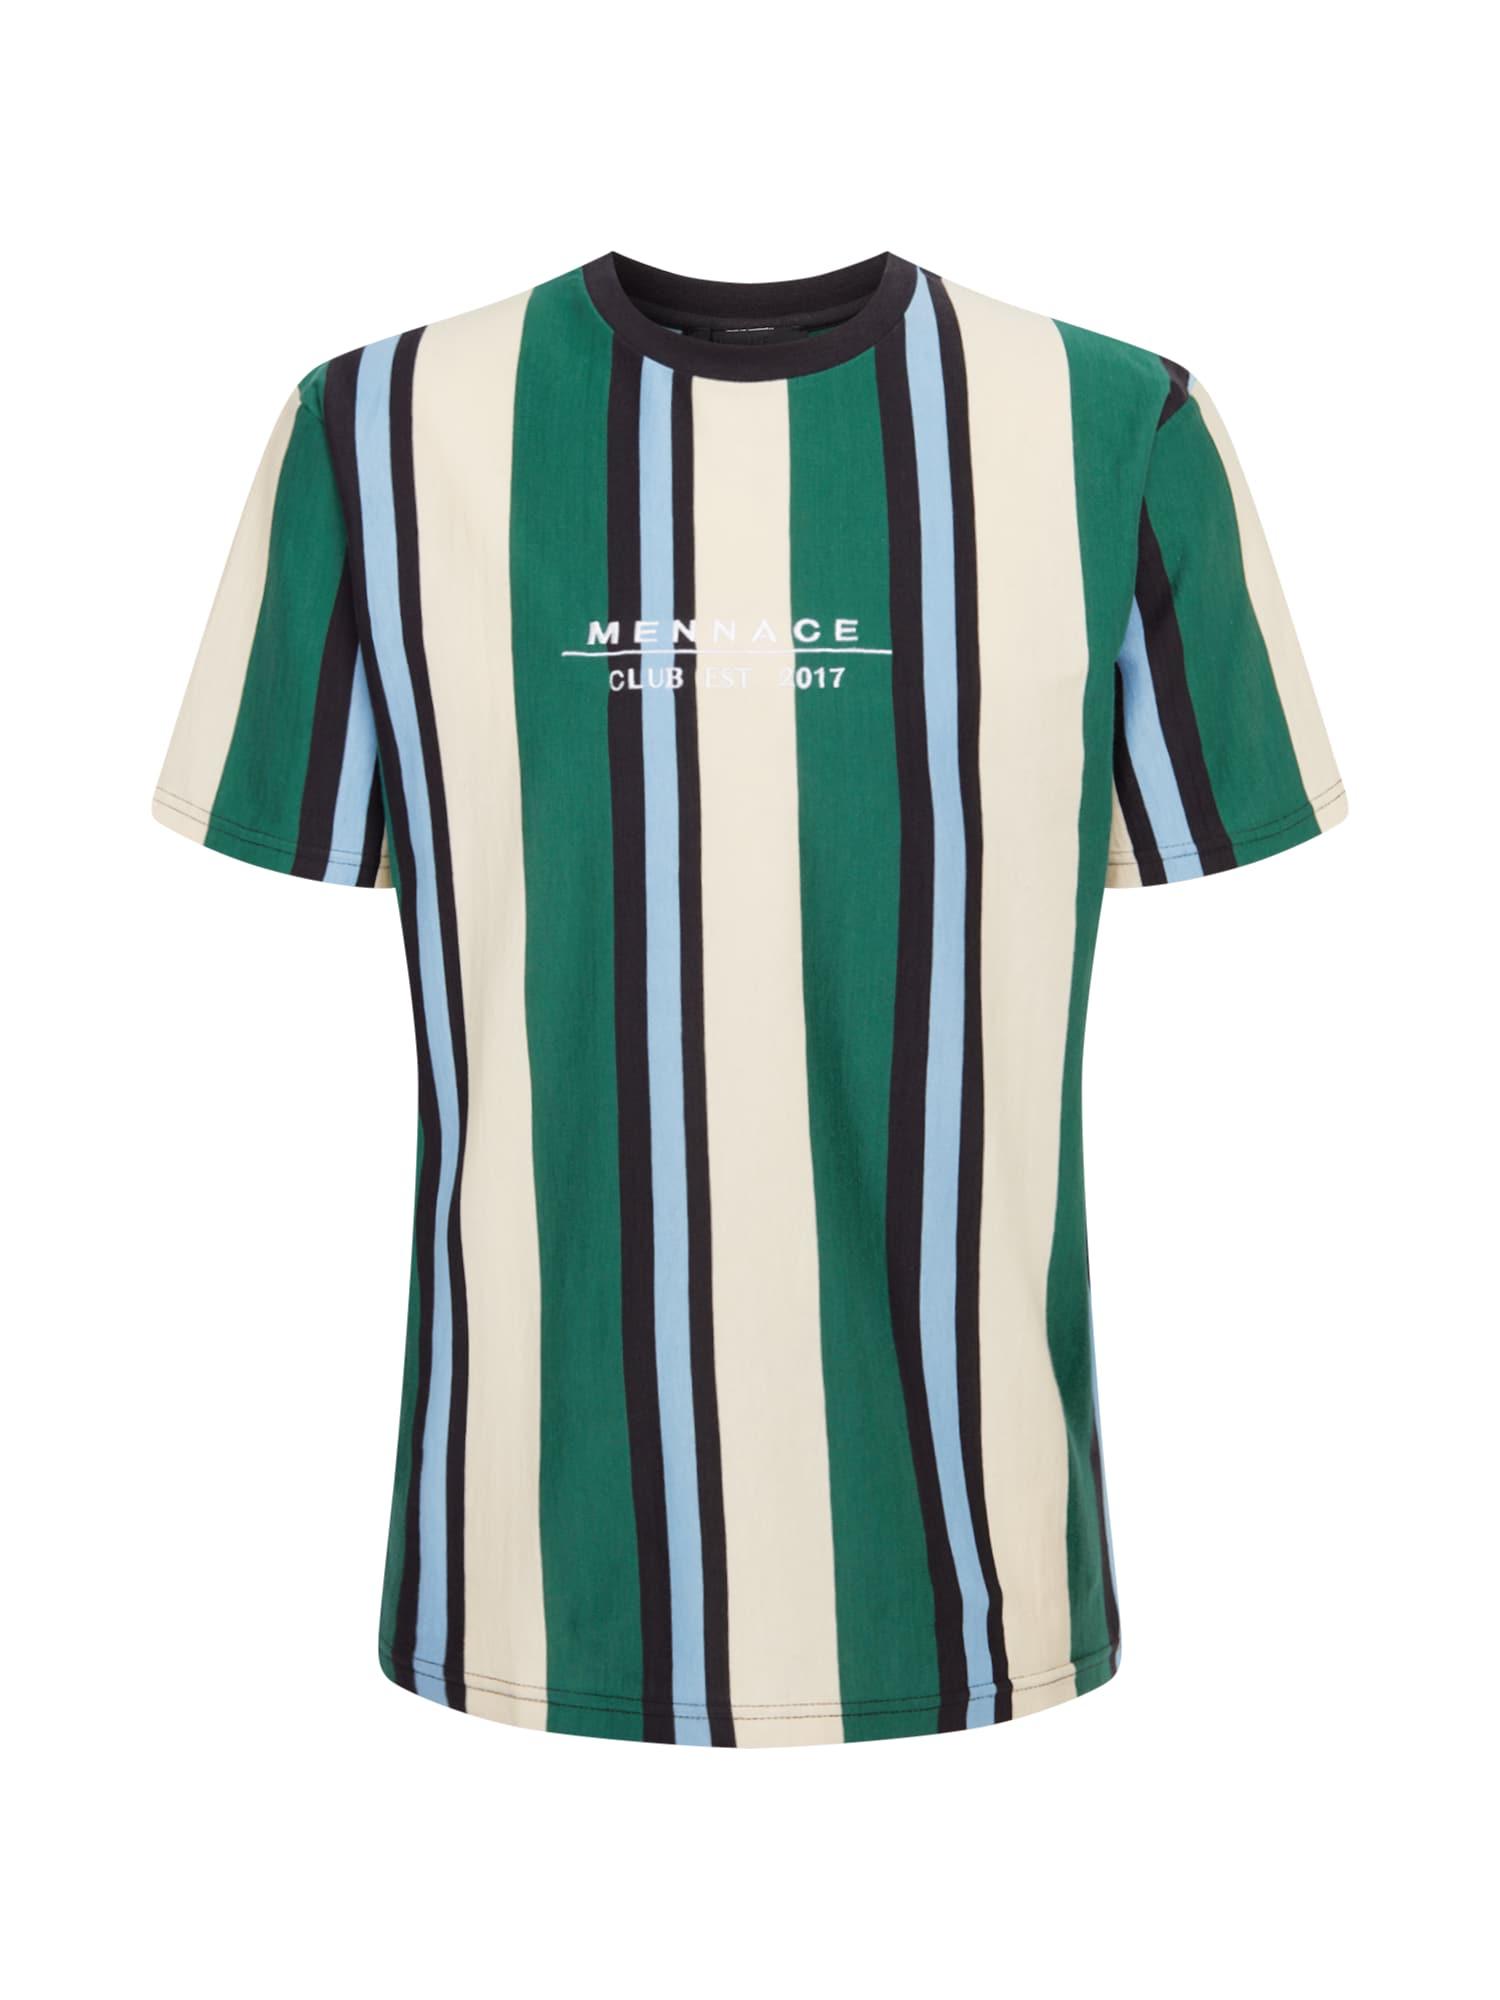 Mennace Marškinėliai tamsiai mėlyna / šviesiai mėlyna / balta / benzino spalva